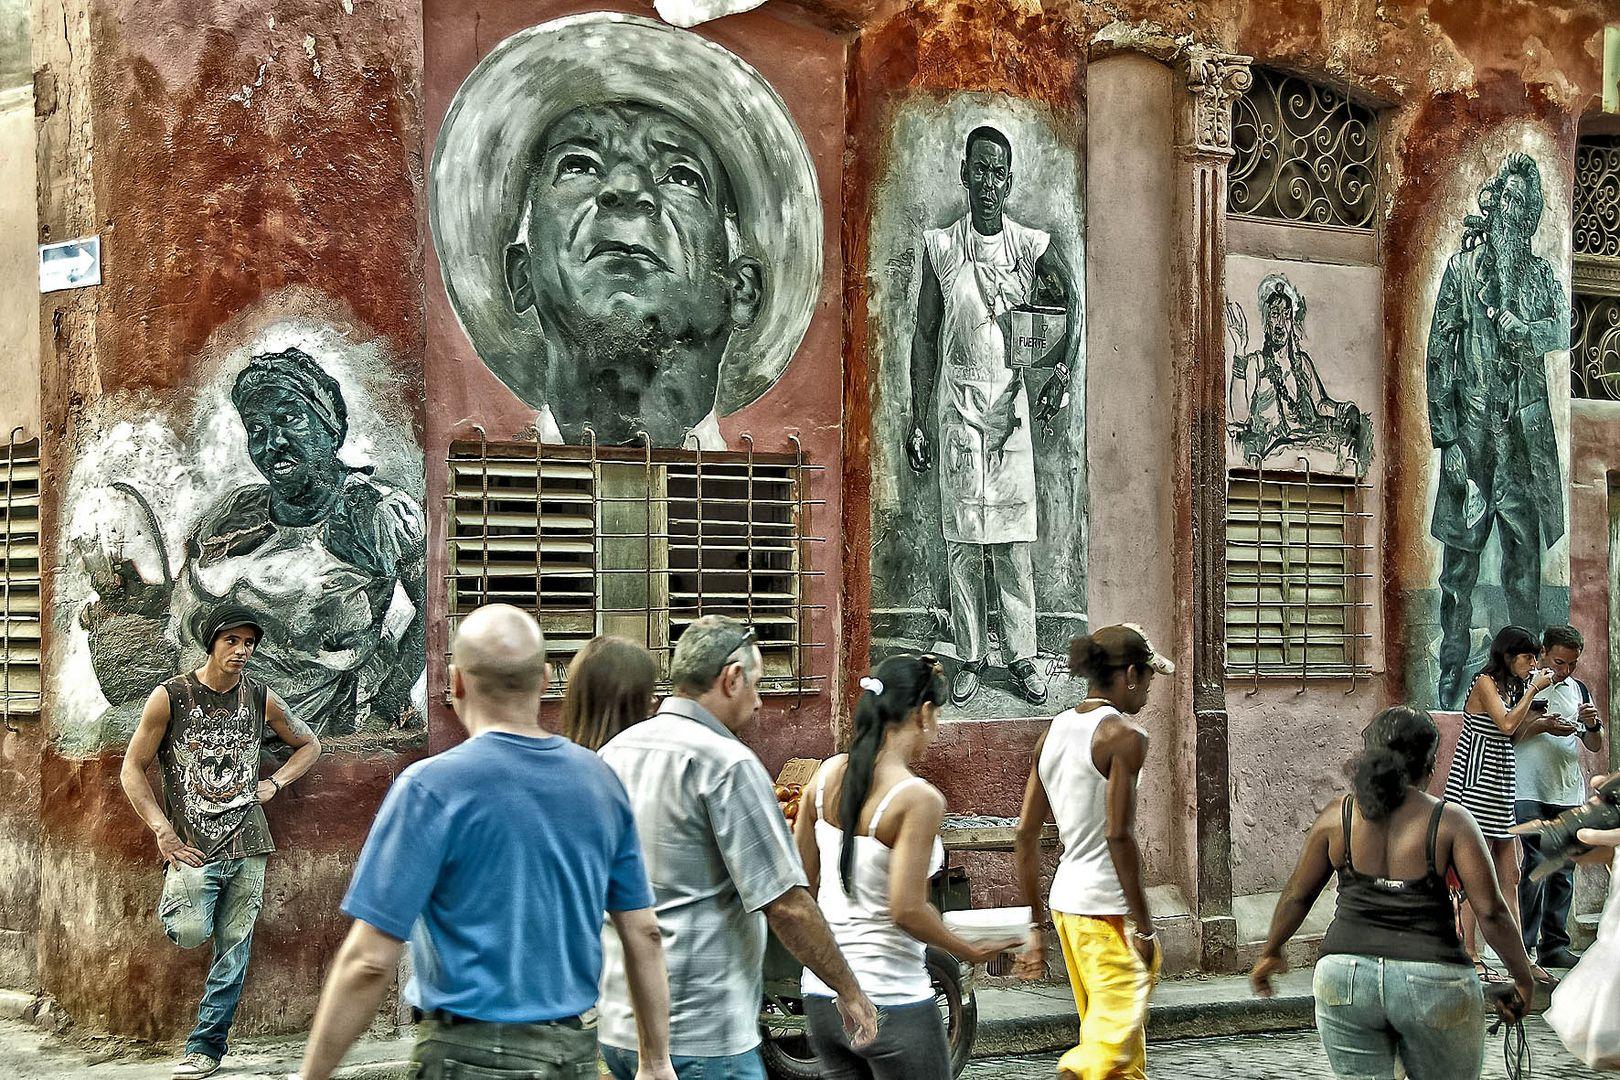 La Habana - 1